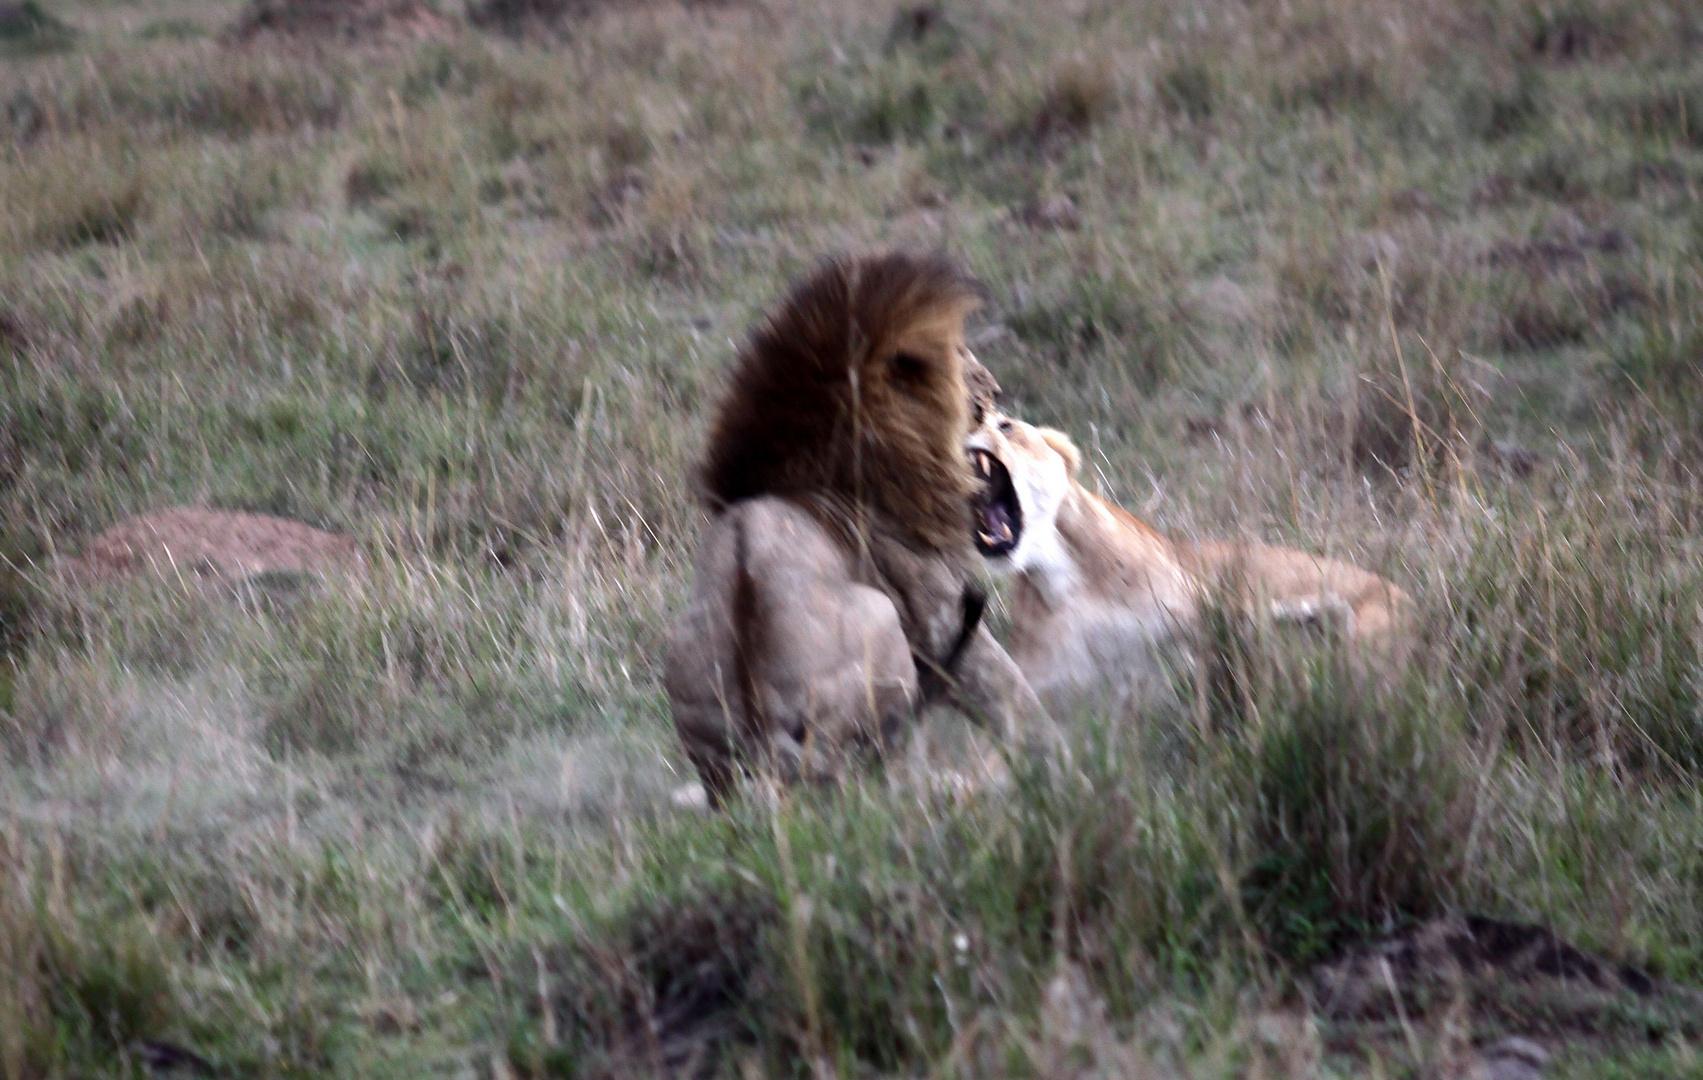 Löwin verteidigt ihre Jungen gegen einen fremden Löwen (3)